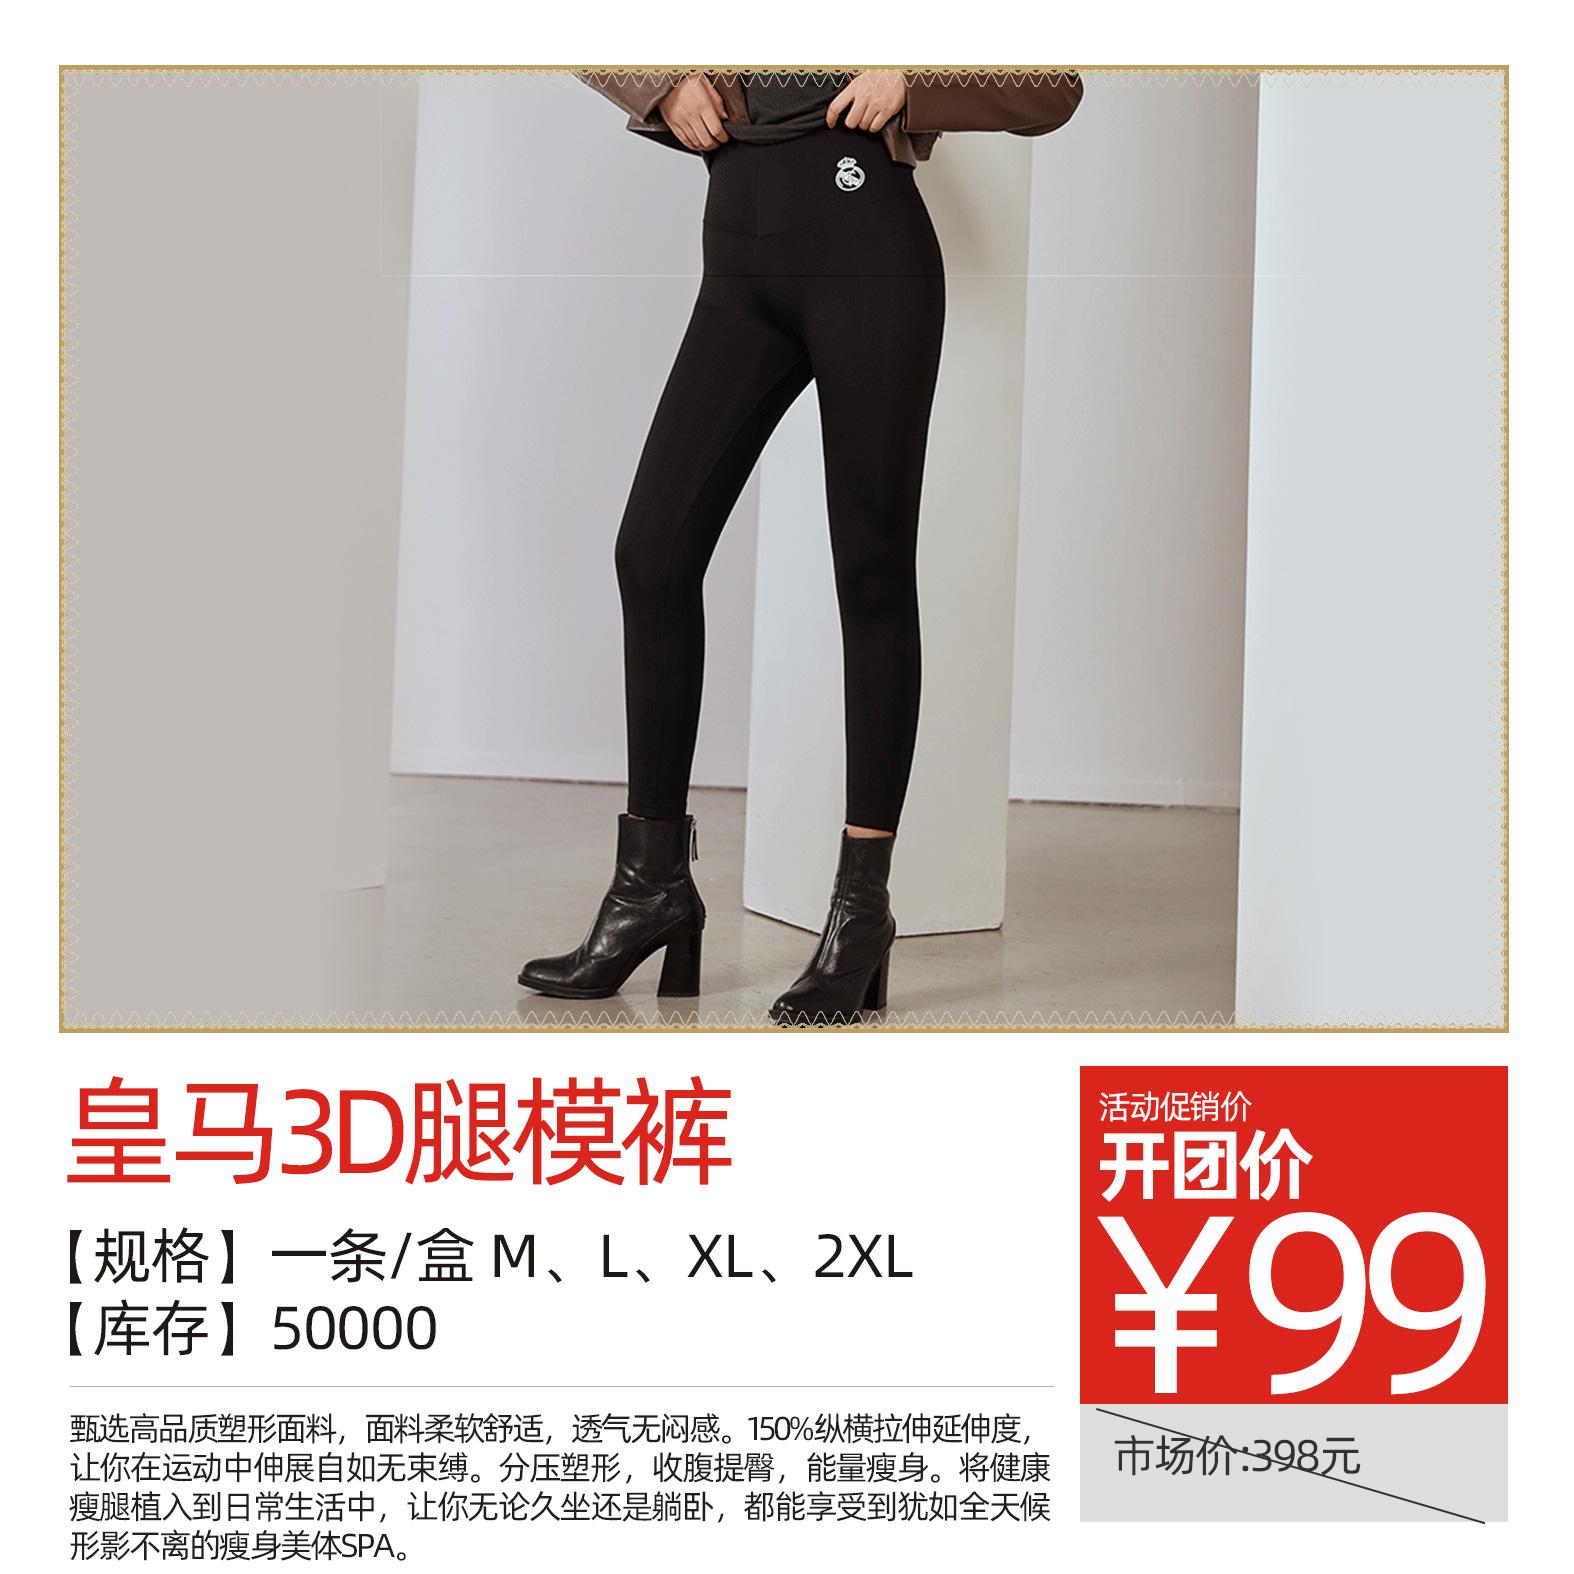 皇马3D腿模裤M、L、XL、2XL